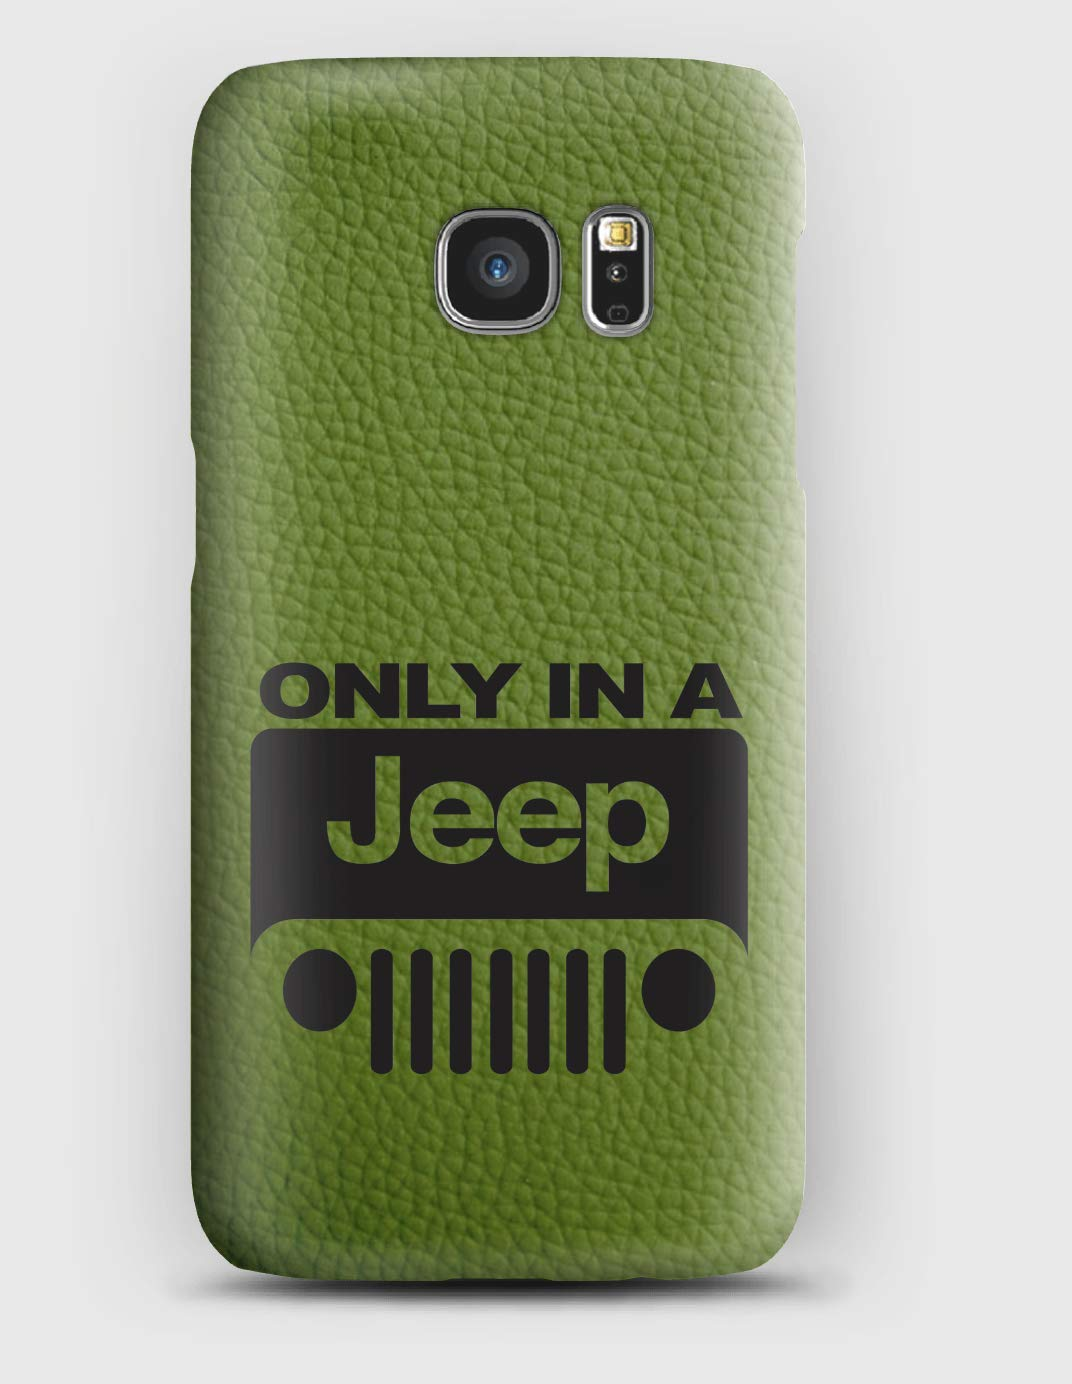 Funda para el Samsung S3, S4, S5, S6, S7, S8, A3, A5, A7, J3, Only in a Jeep